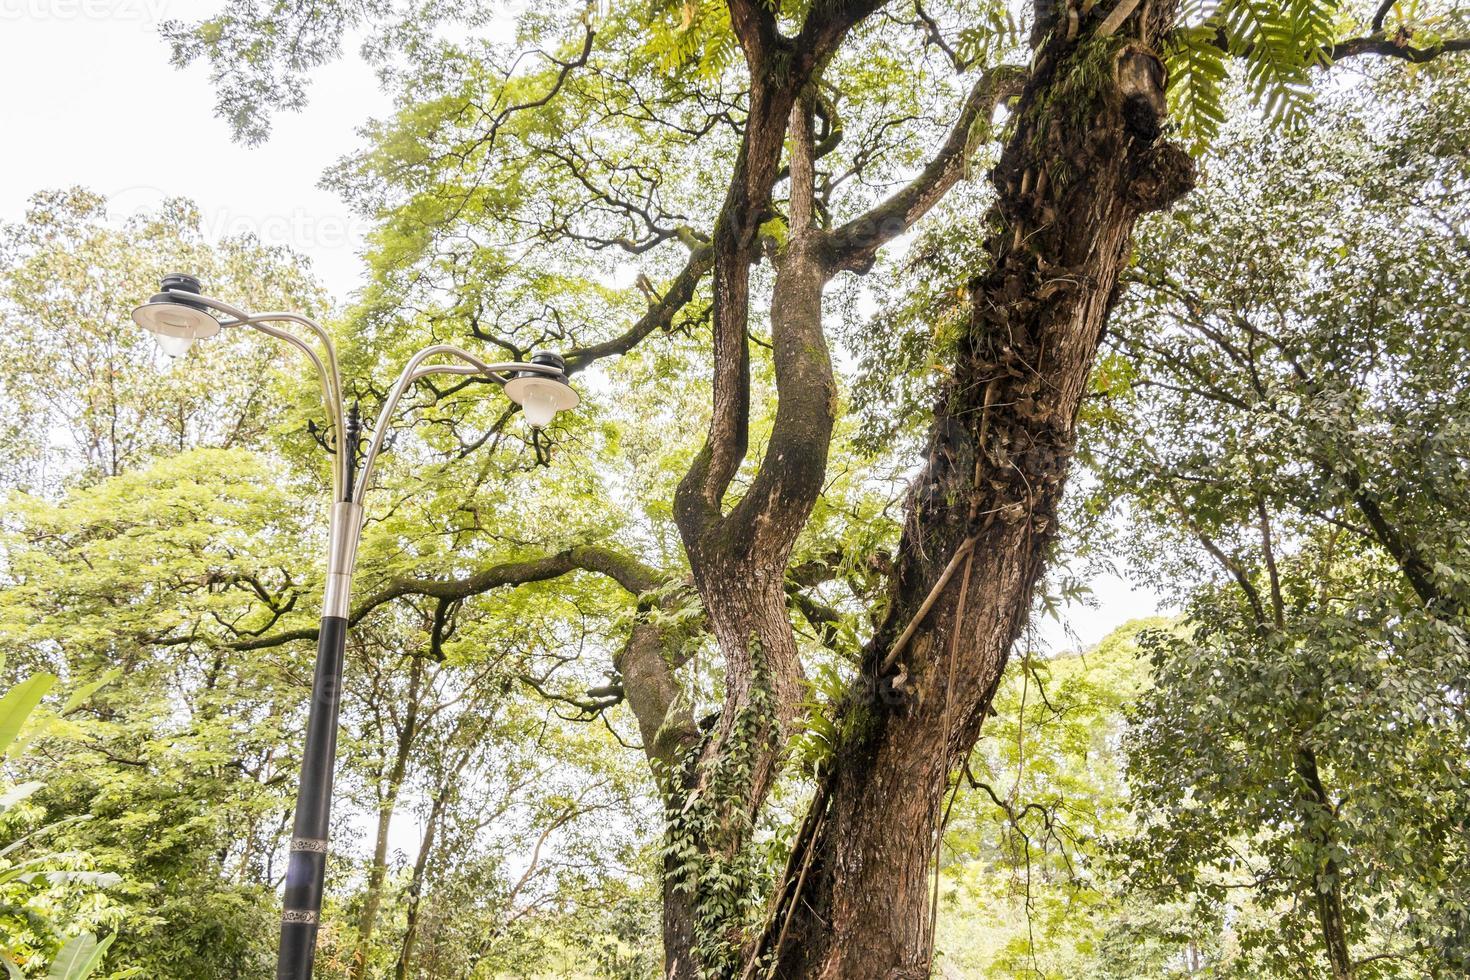 grand arbre tropical envahi par la végétation au milieu de kuala lumpur, en malaisie. photo